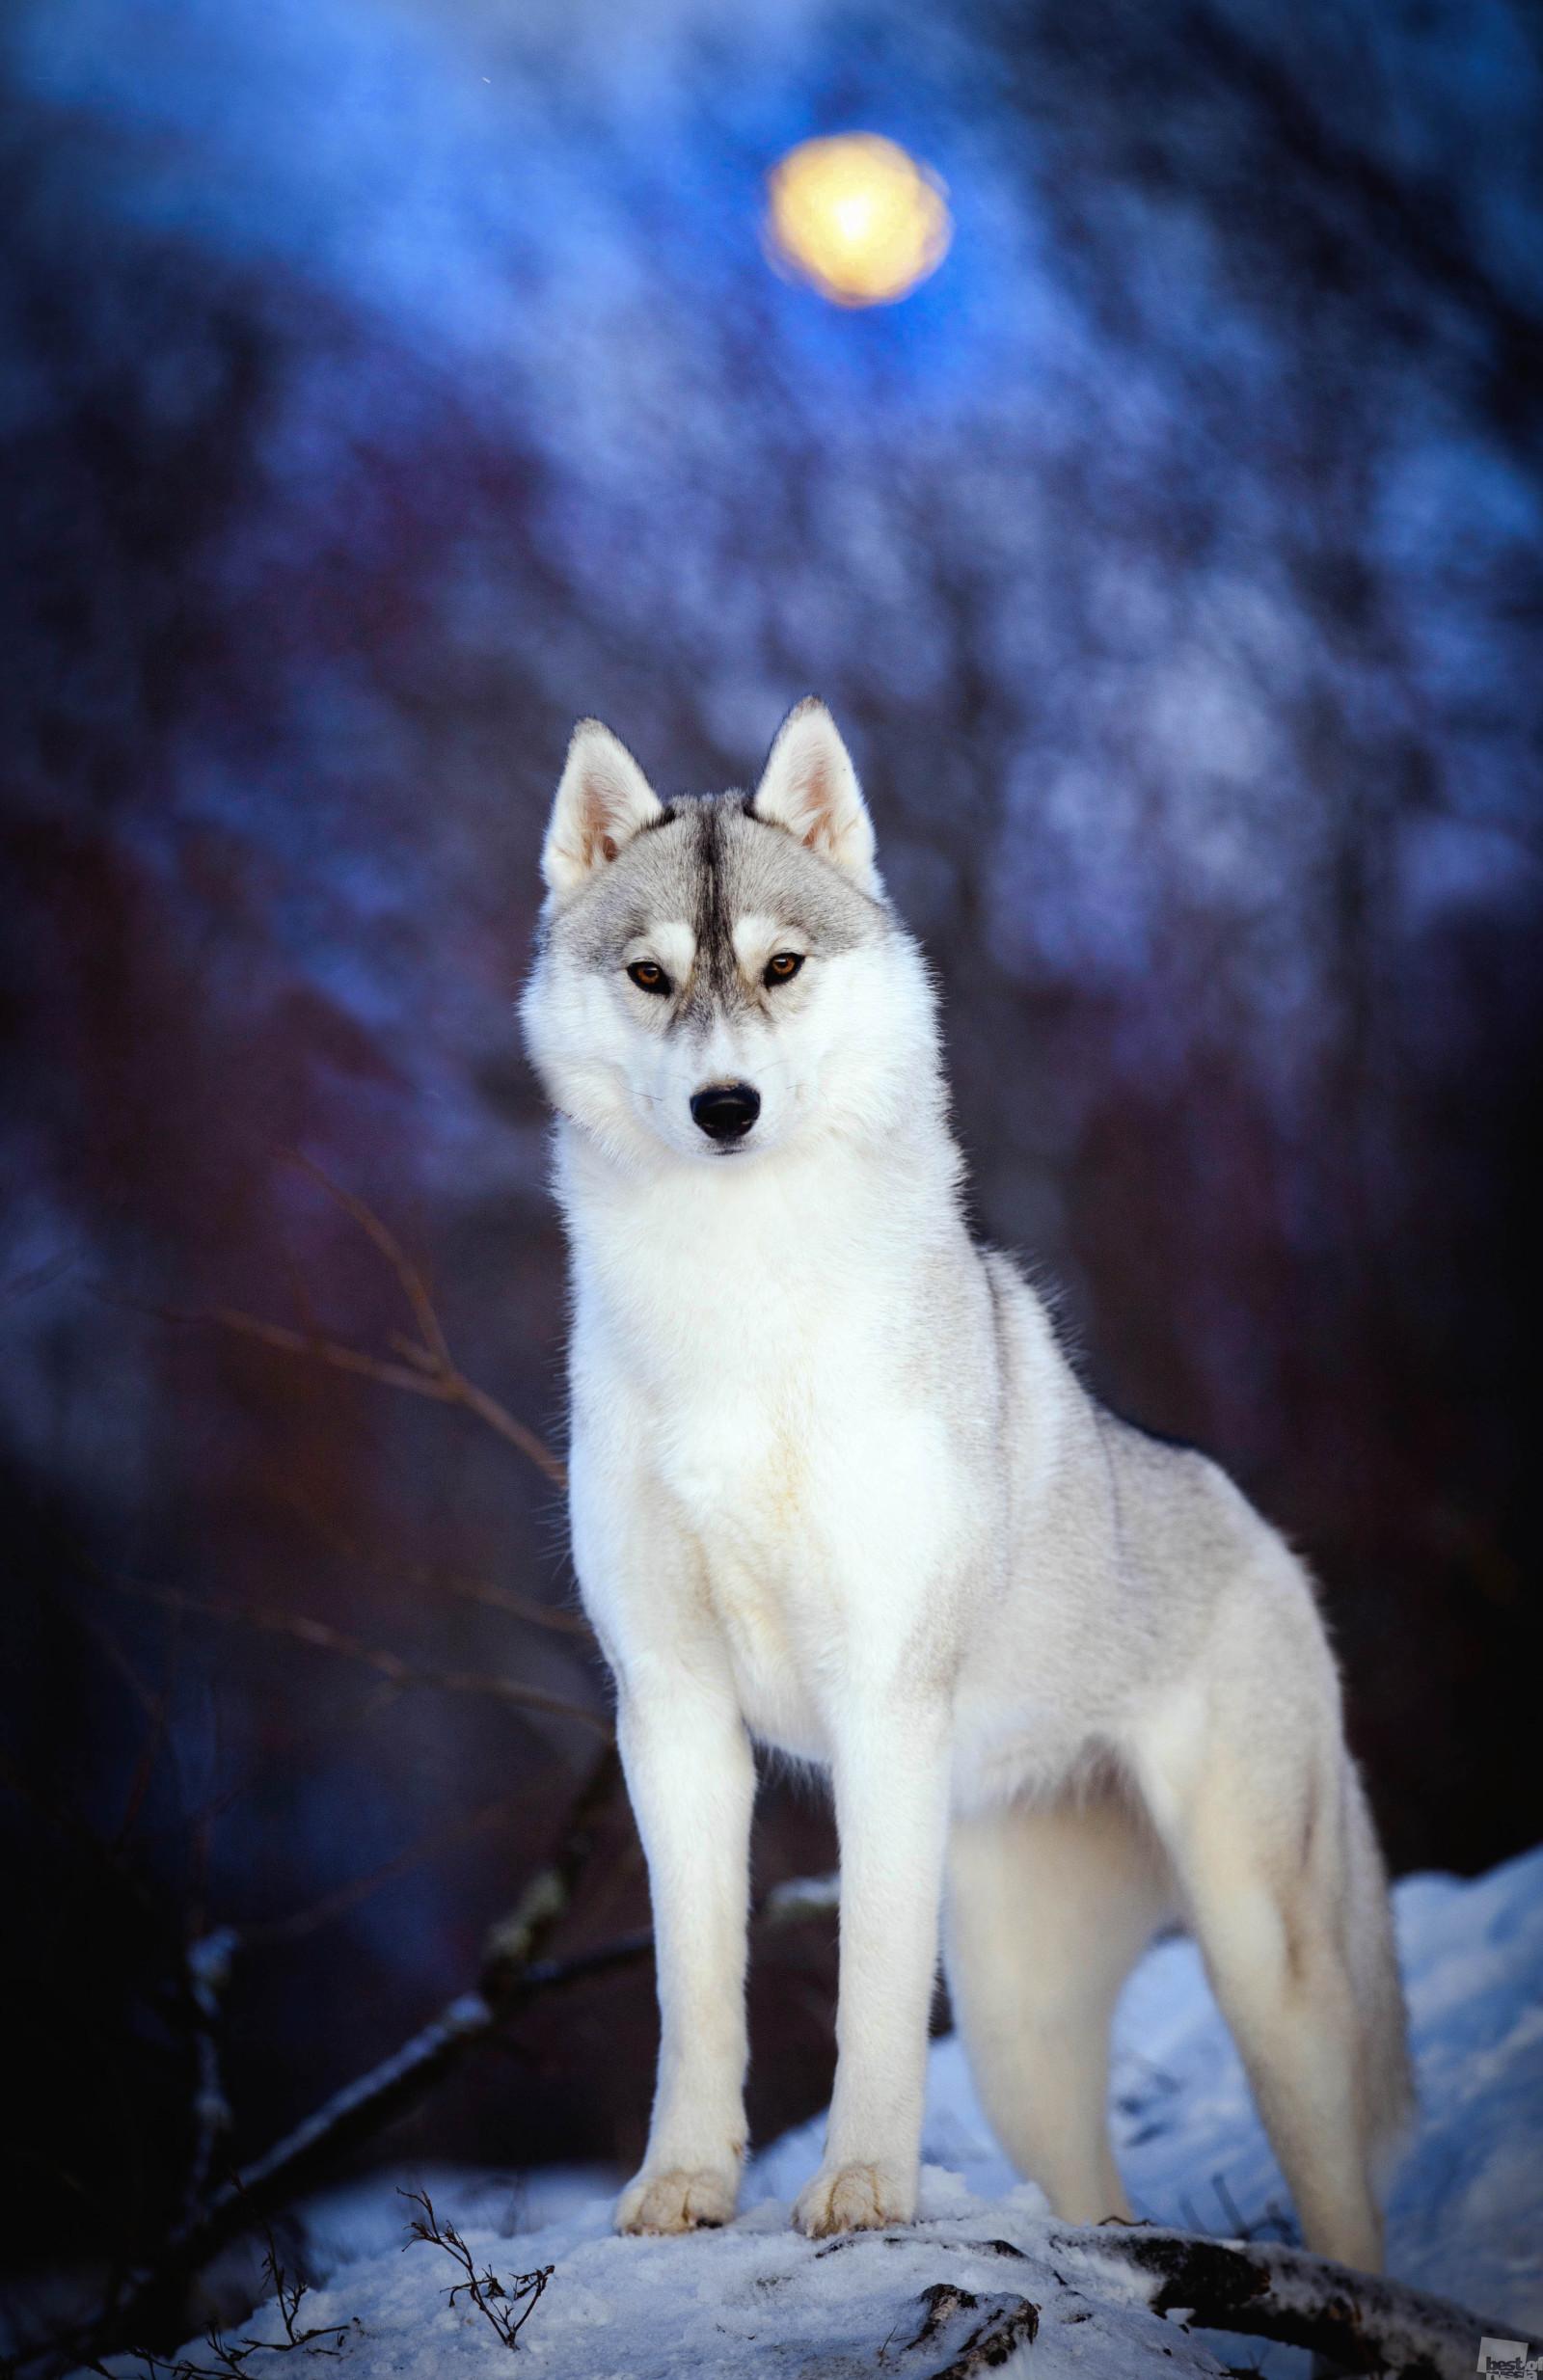 満月の間に撮影された飼い慣らされた犬、ノヴゴロド州バルダイ